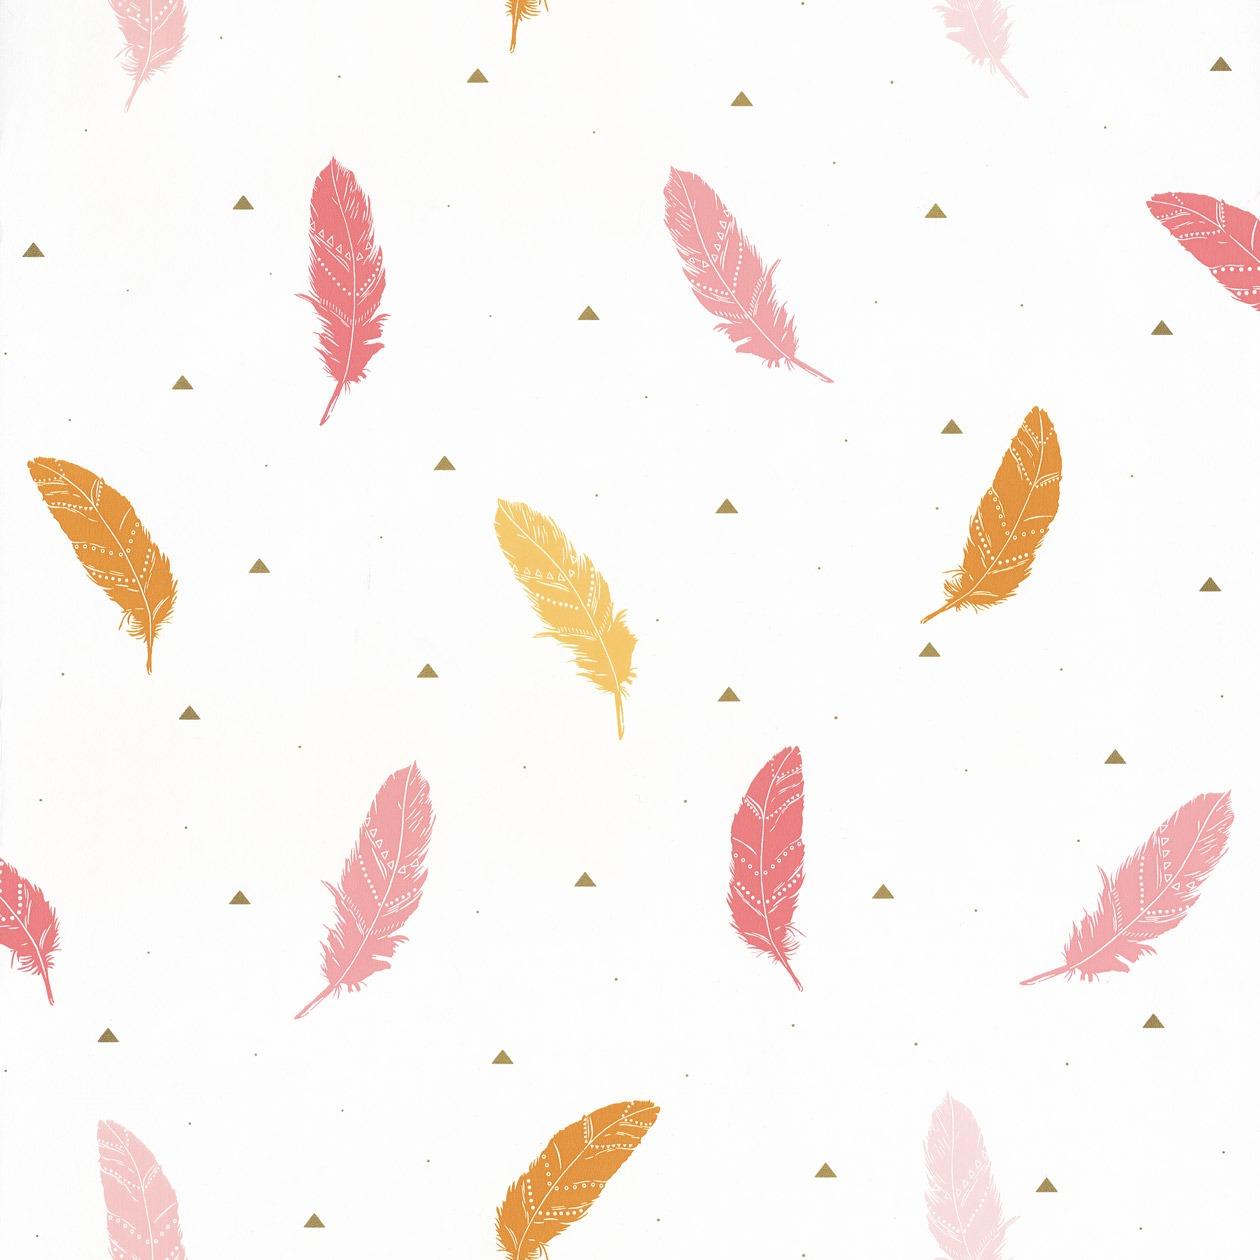 Tapéta madártoll mintával narancs rózsaszín színben